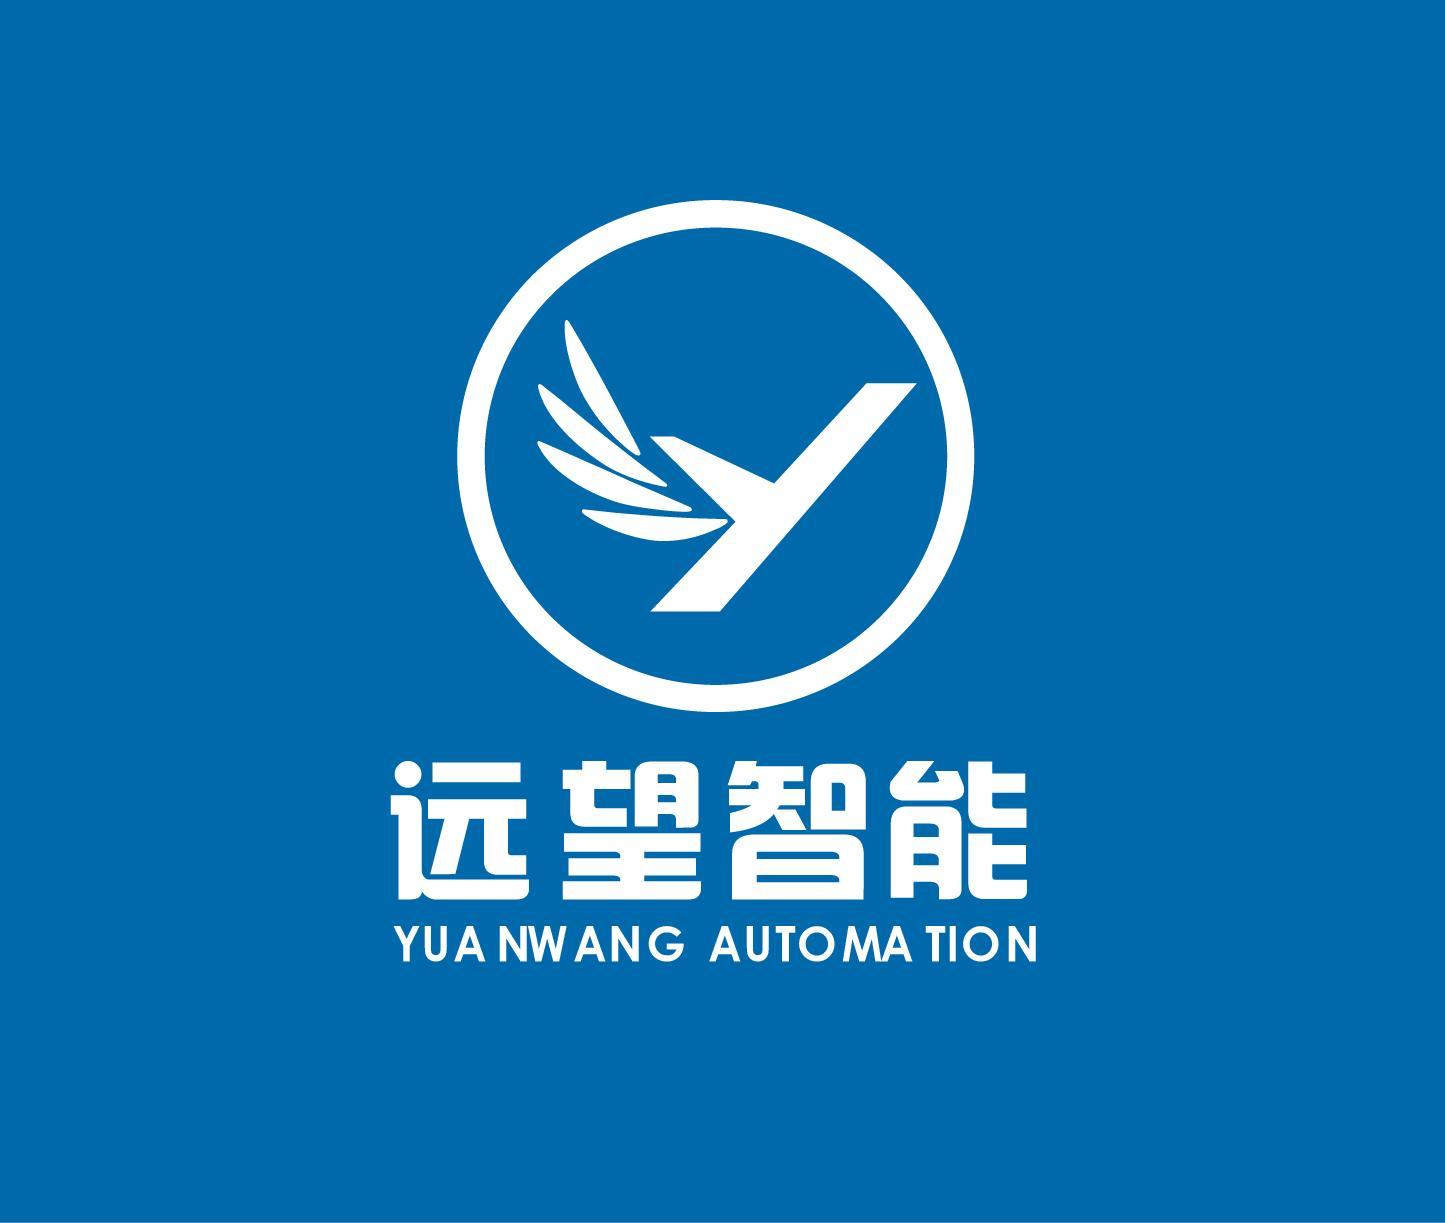 深圳市远望工业自动化设备有限公司